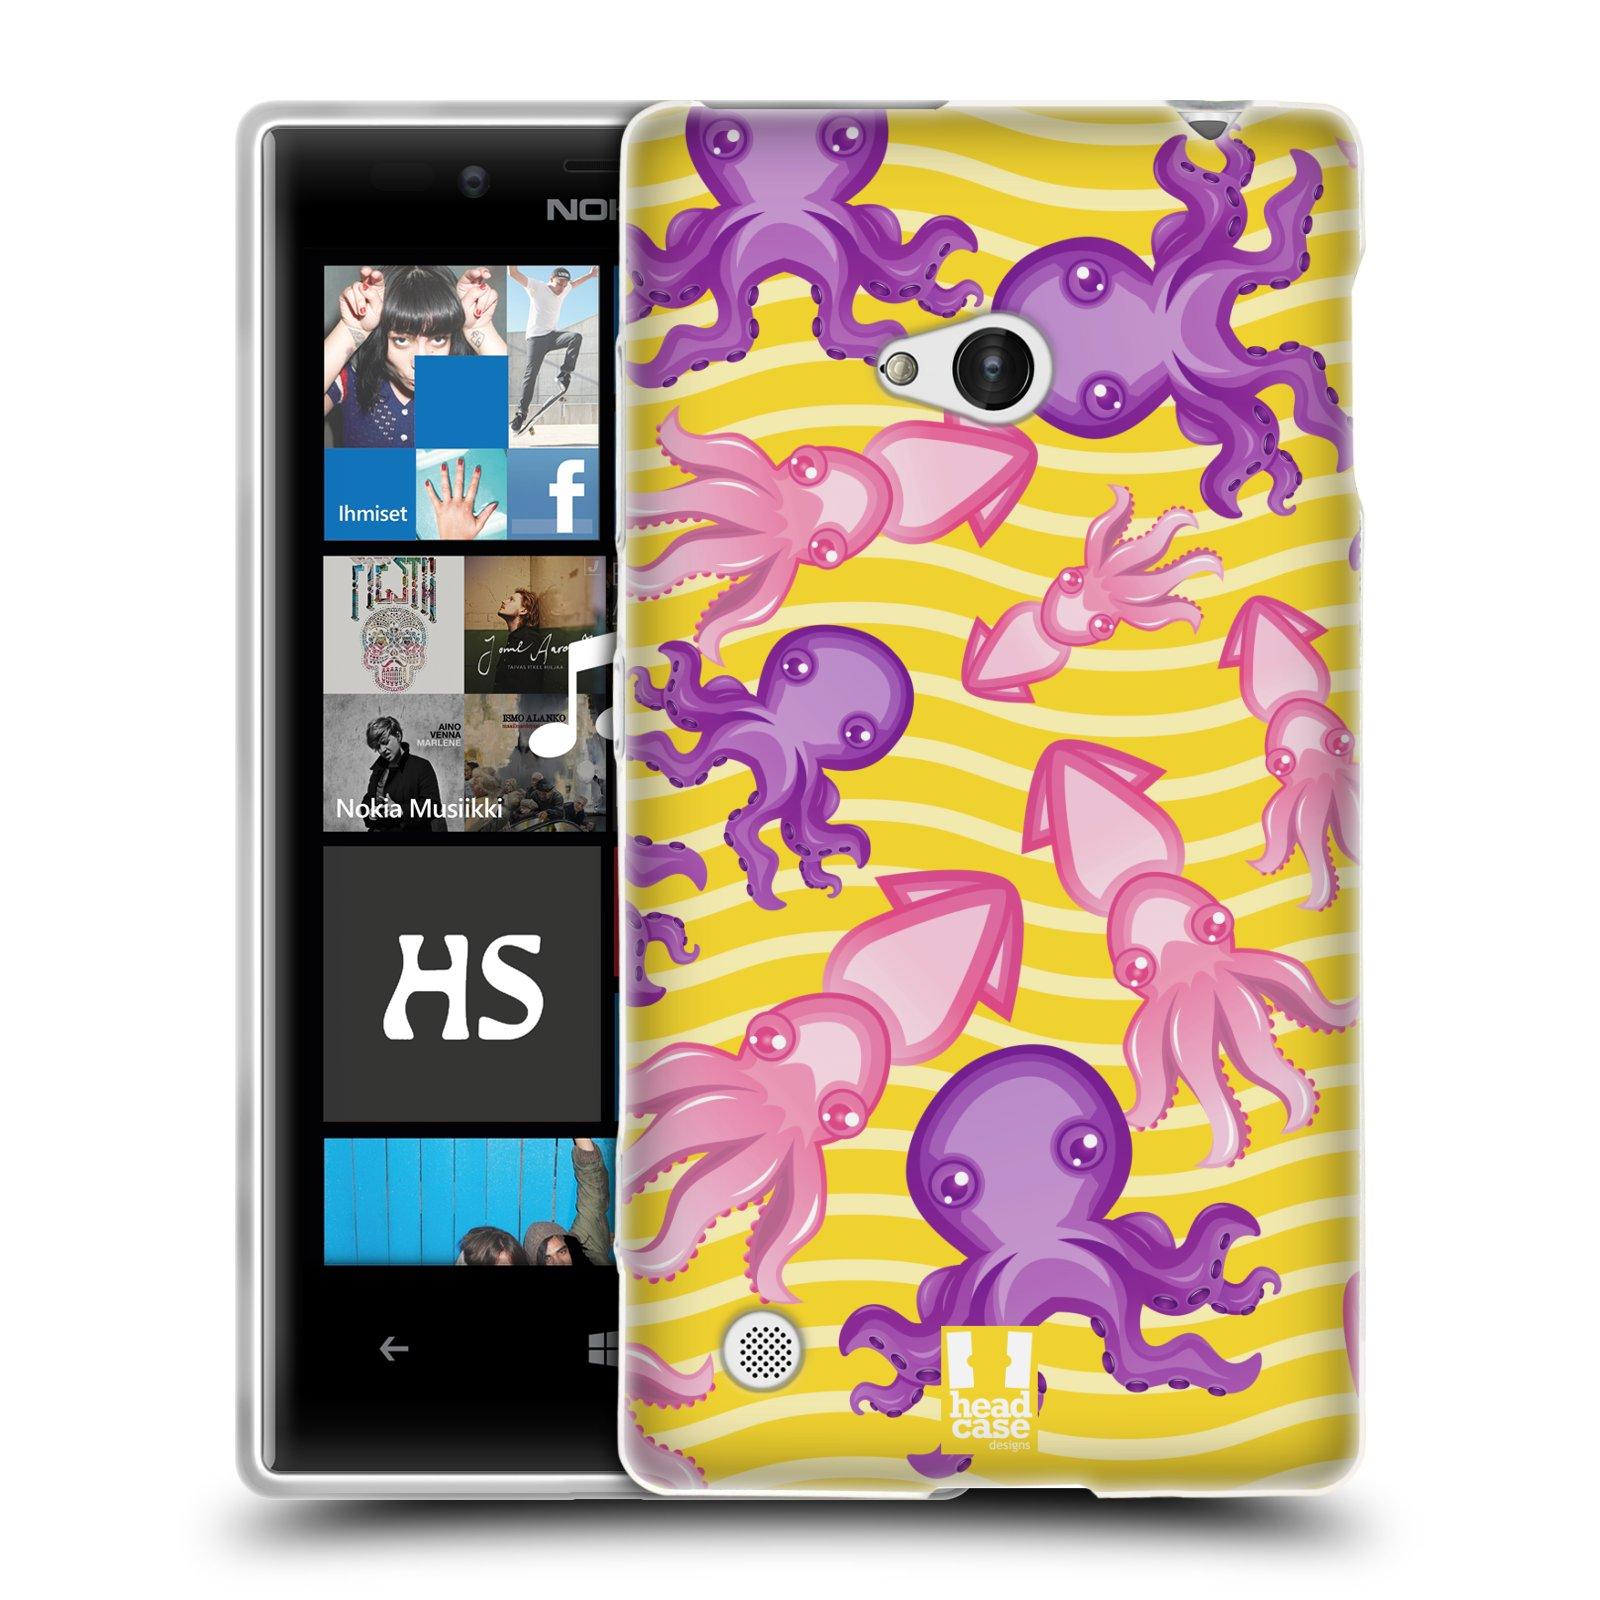 HEAD CASE silikonový obal na mobil NOKIA Lumia 720 vzor mořský živočich chobotnice